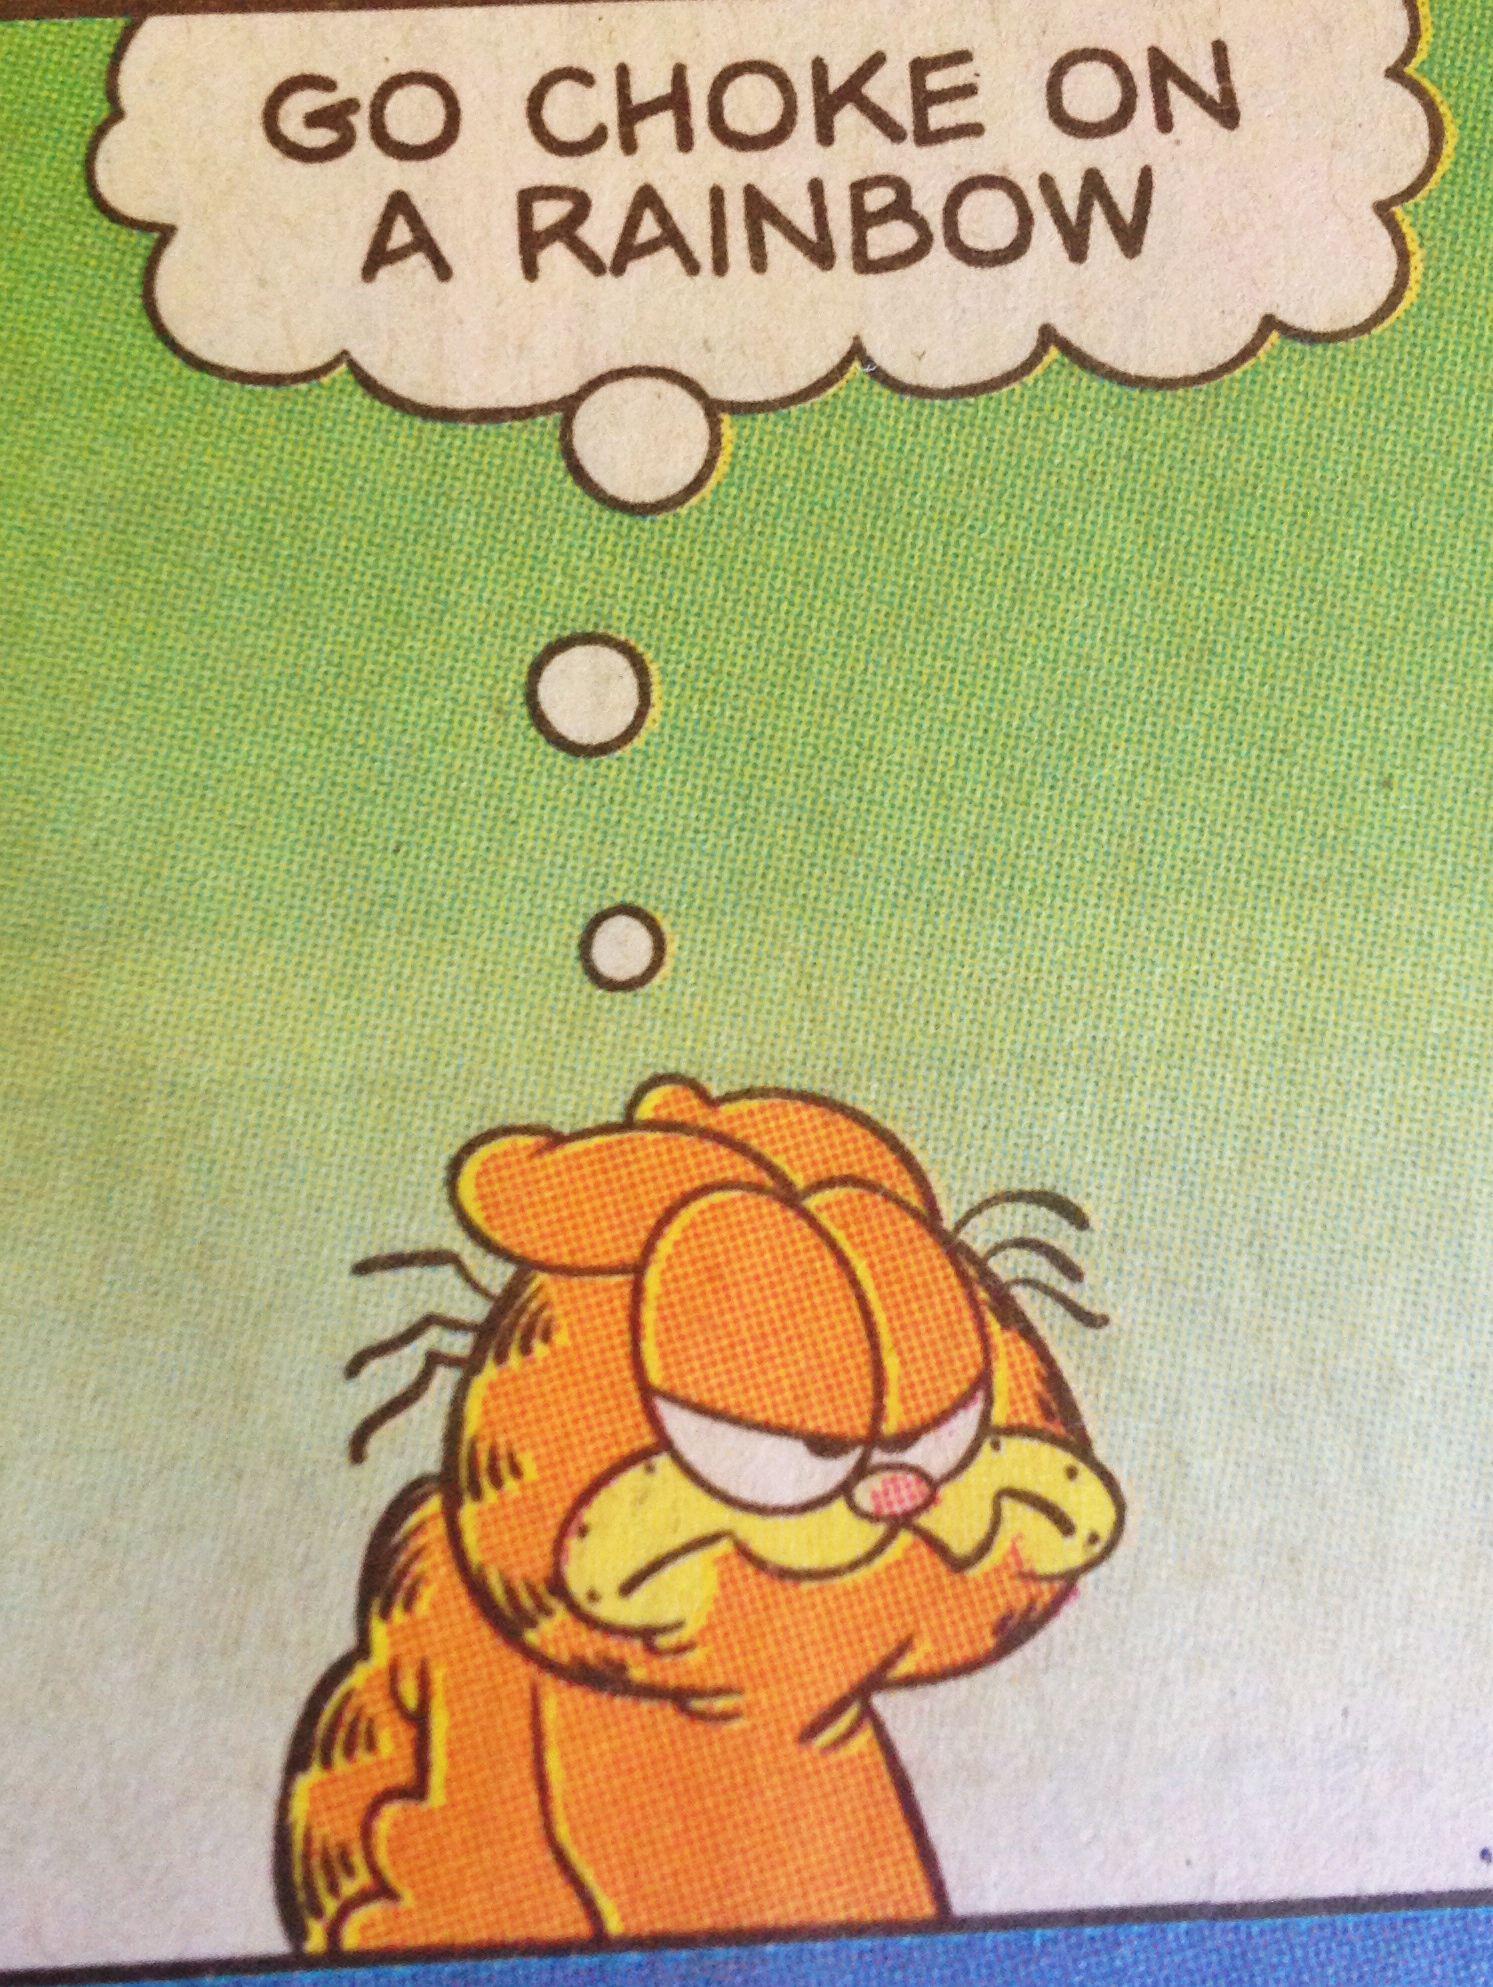 Garfield comic october 27 2013 bwa ha ha ha ha haaa - Funny garfield pics ...